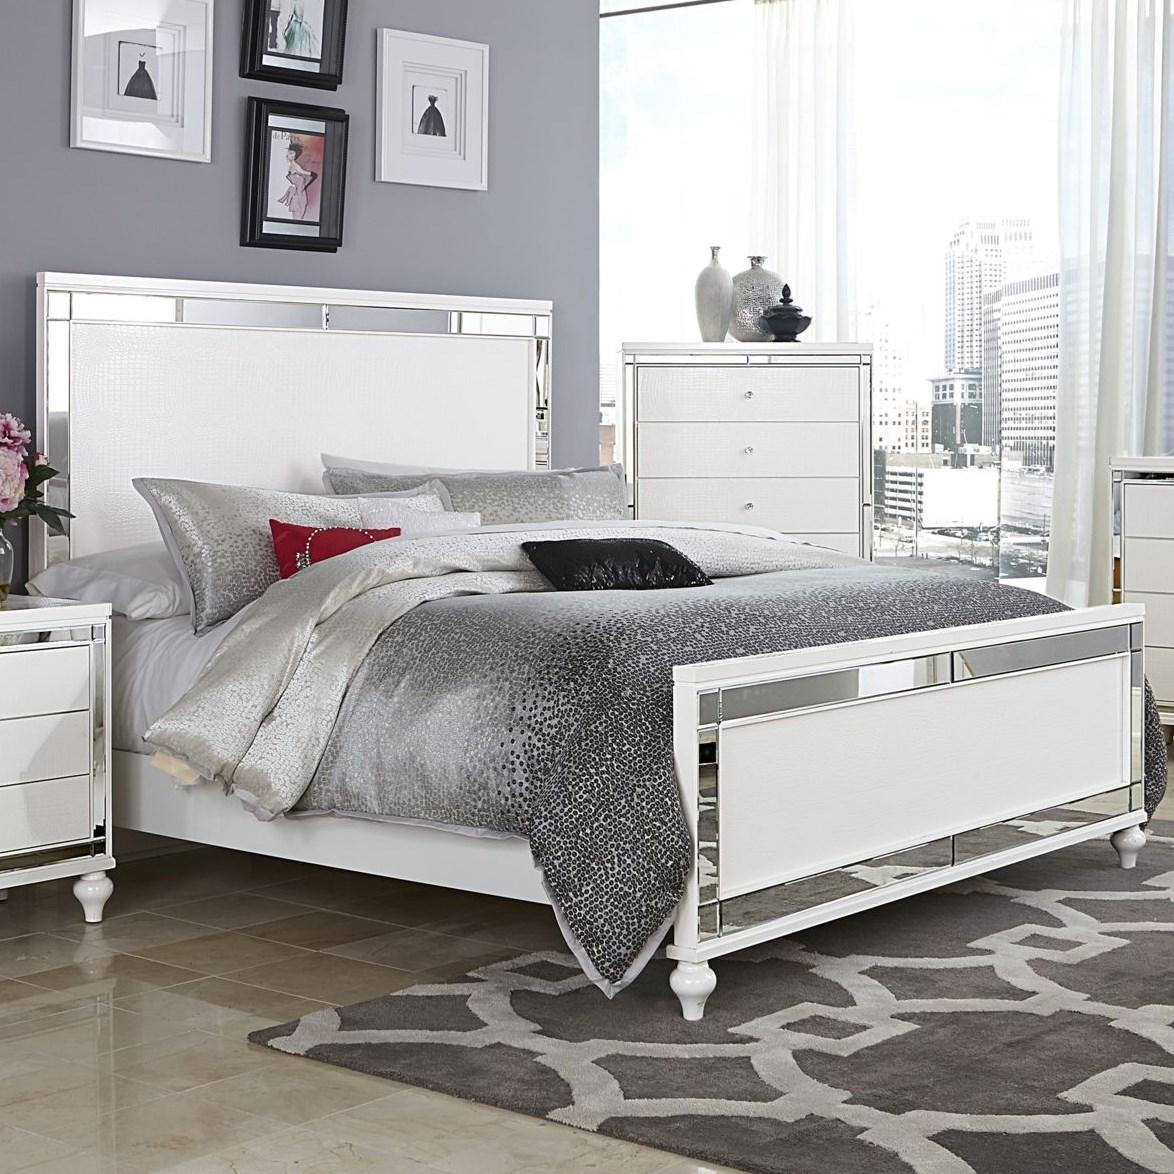 Alonza Cal King Bed by Homelegance at Carolina Direct